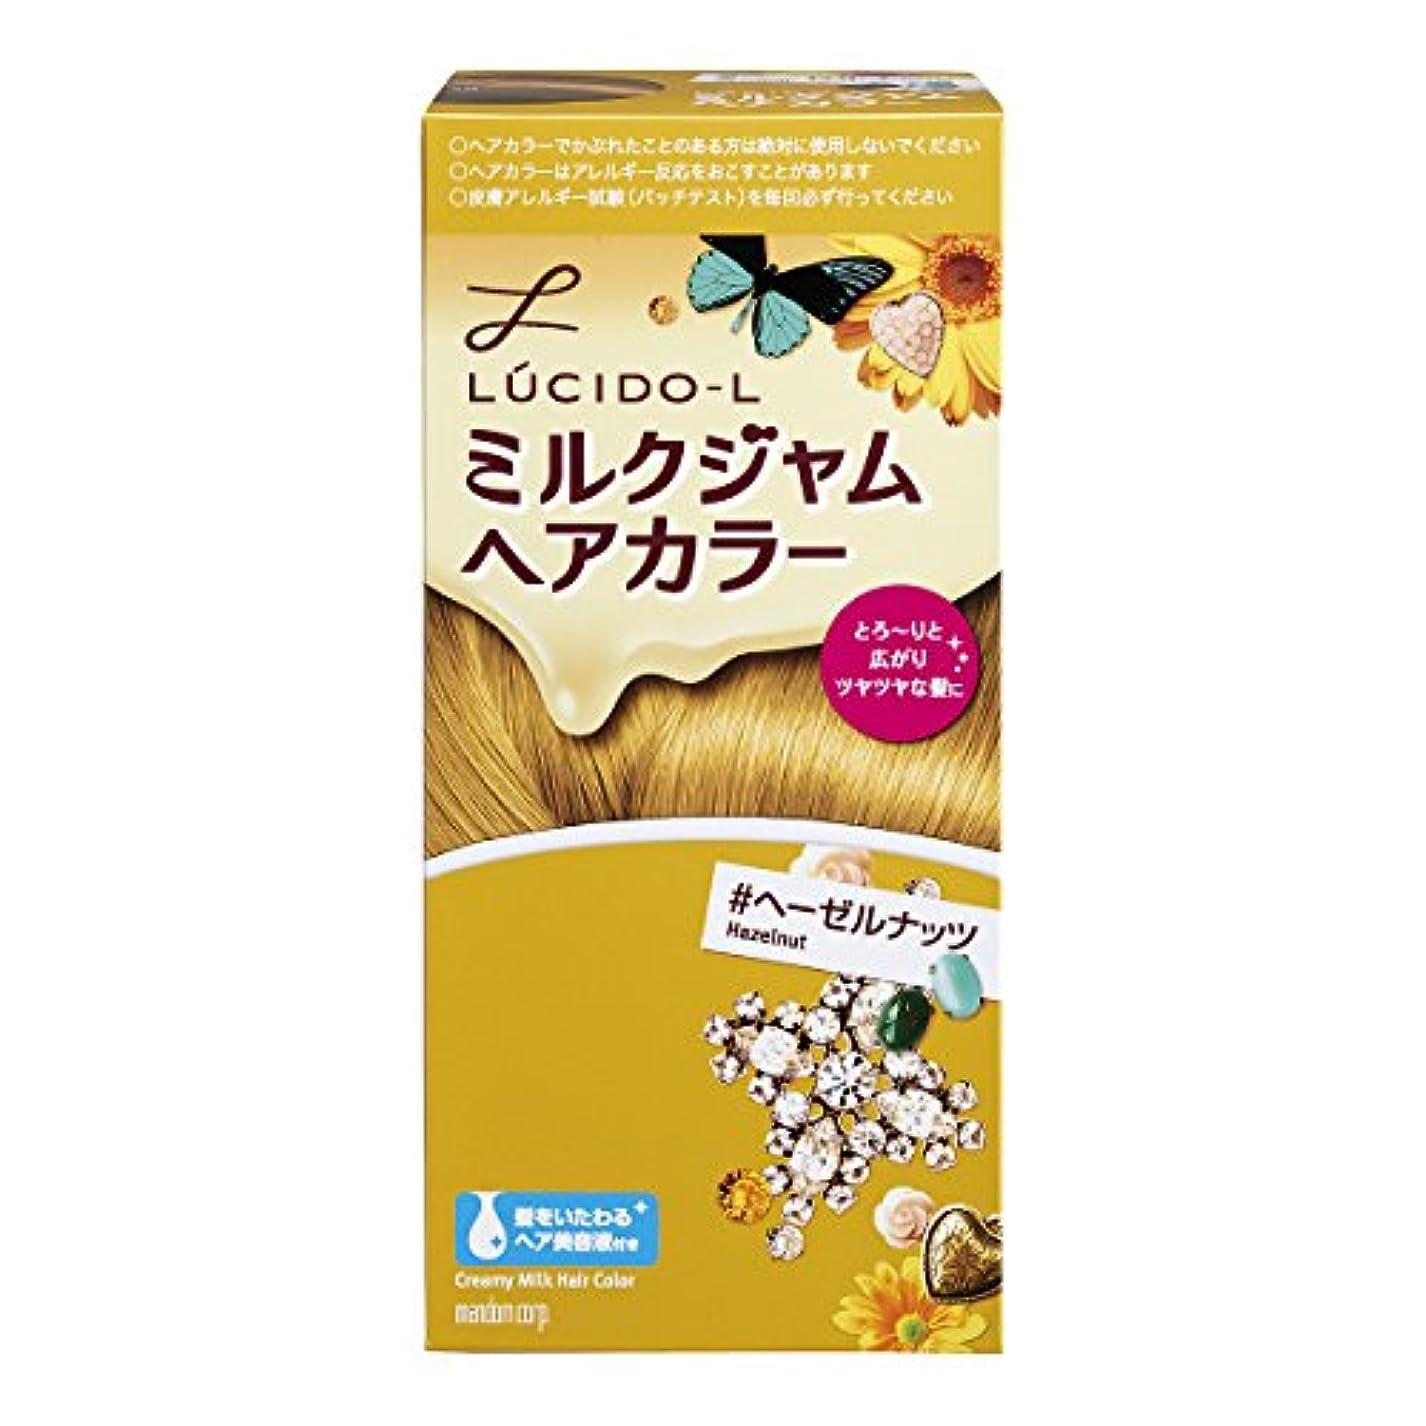 淡いしてはいけません休憩するLUCIDO-L (ルシードエル) ミルクジャムヘアカラー #ヘーゼルナッツ (医薬部外品) (1剤40g 2剤80mL TR5g)